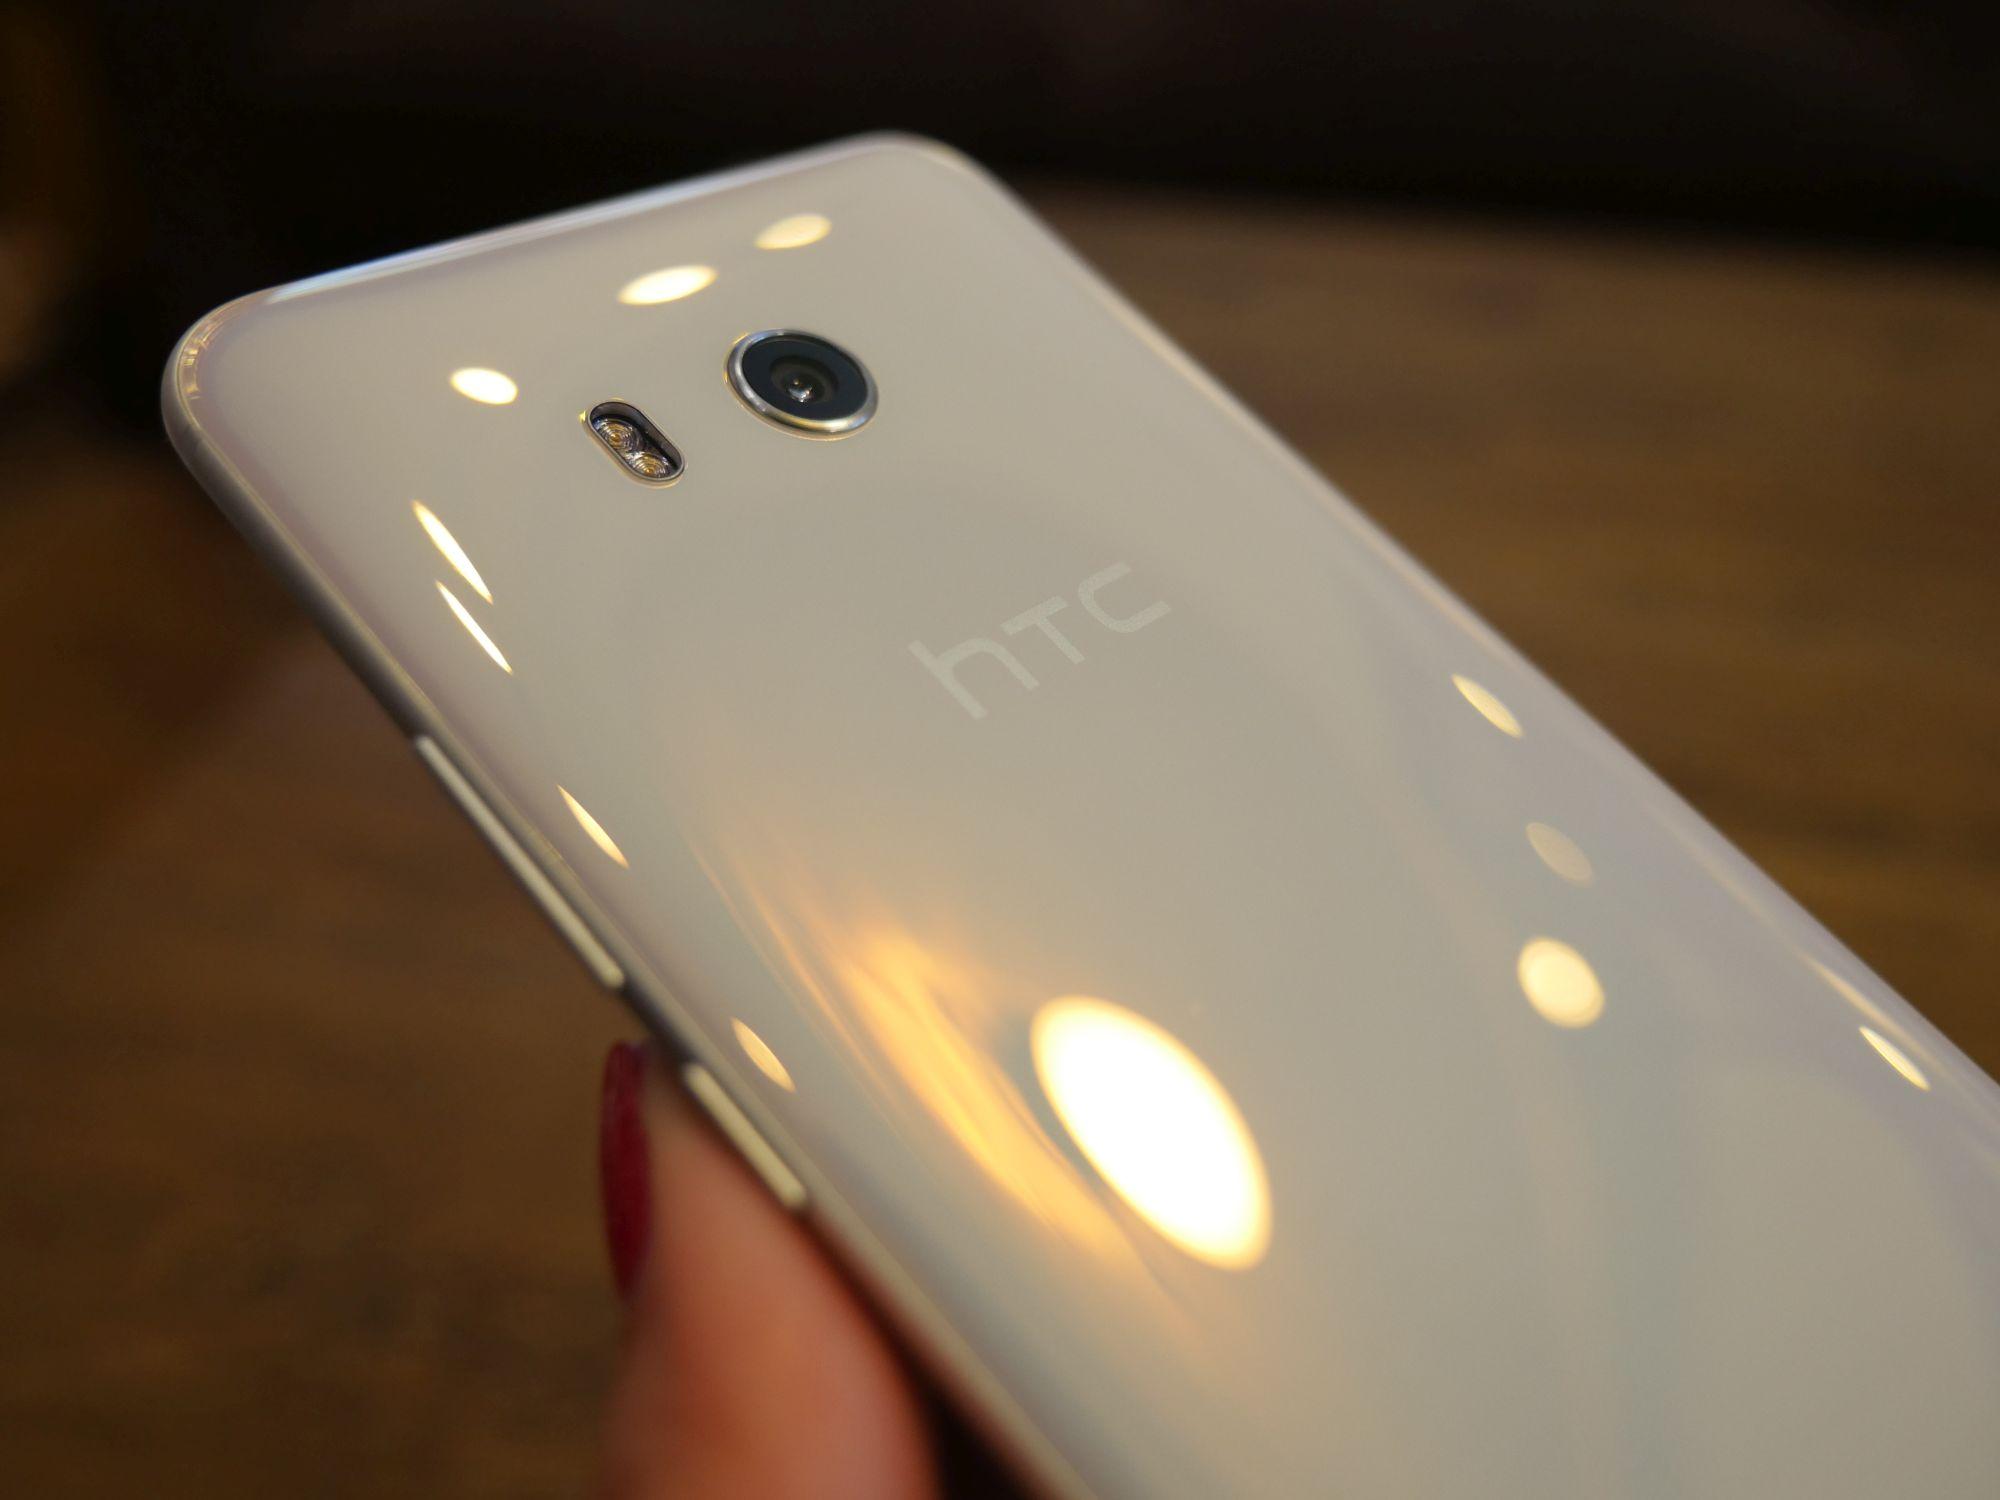 Tabletowo.pl Wiecie, jak będzie się nazywać nowy smartfon HTC? W życiu nie zgadniecie Android HTC Plotki / Przecieki Smartfony